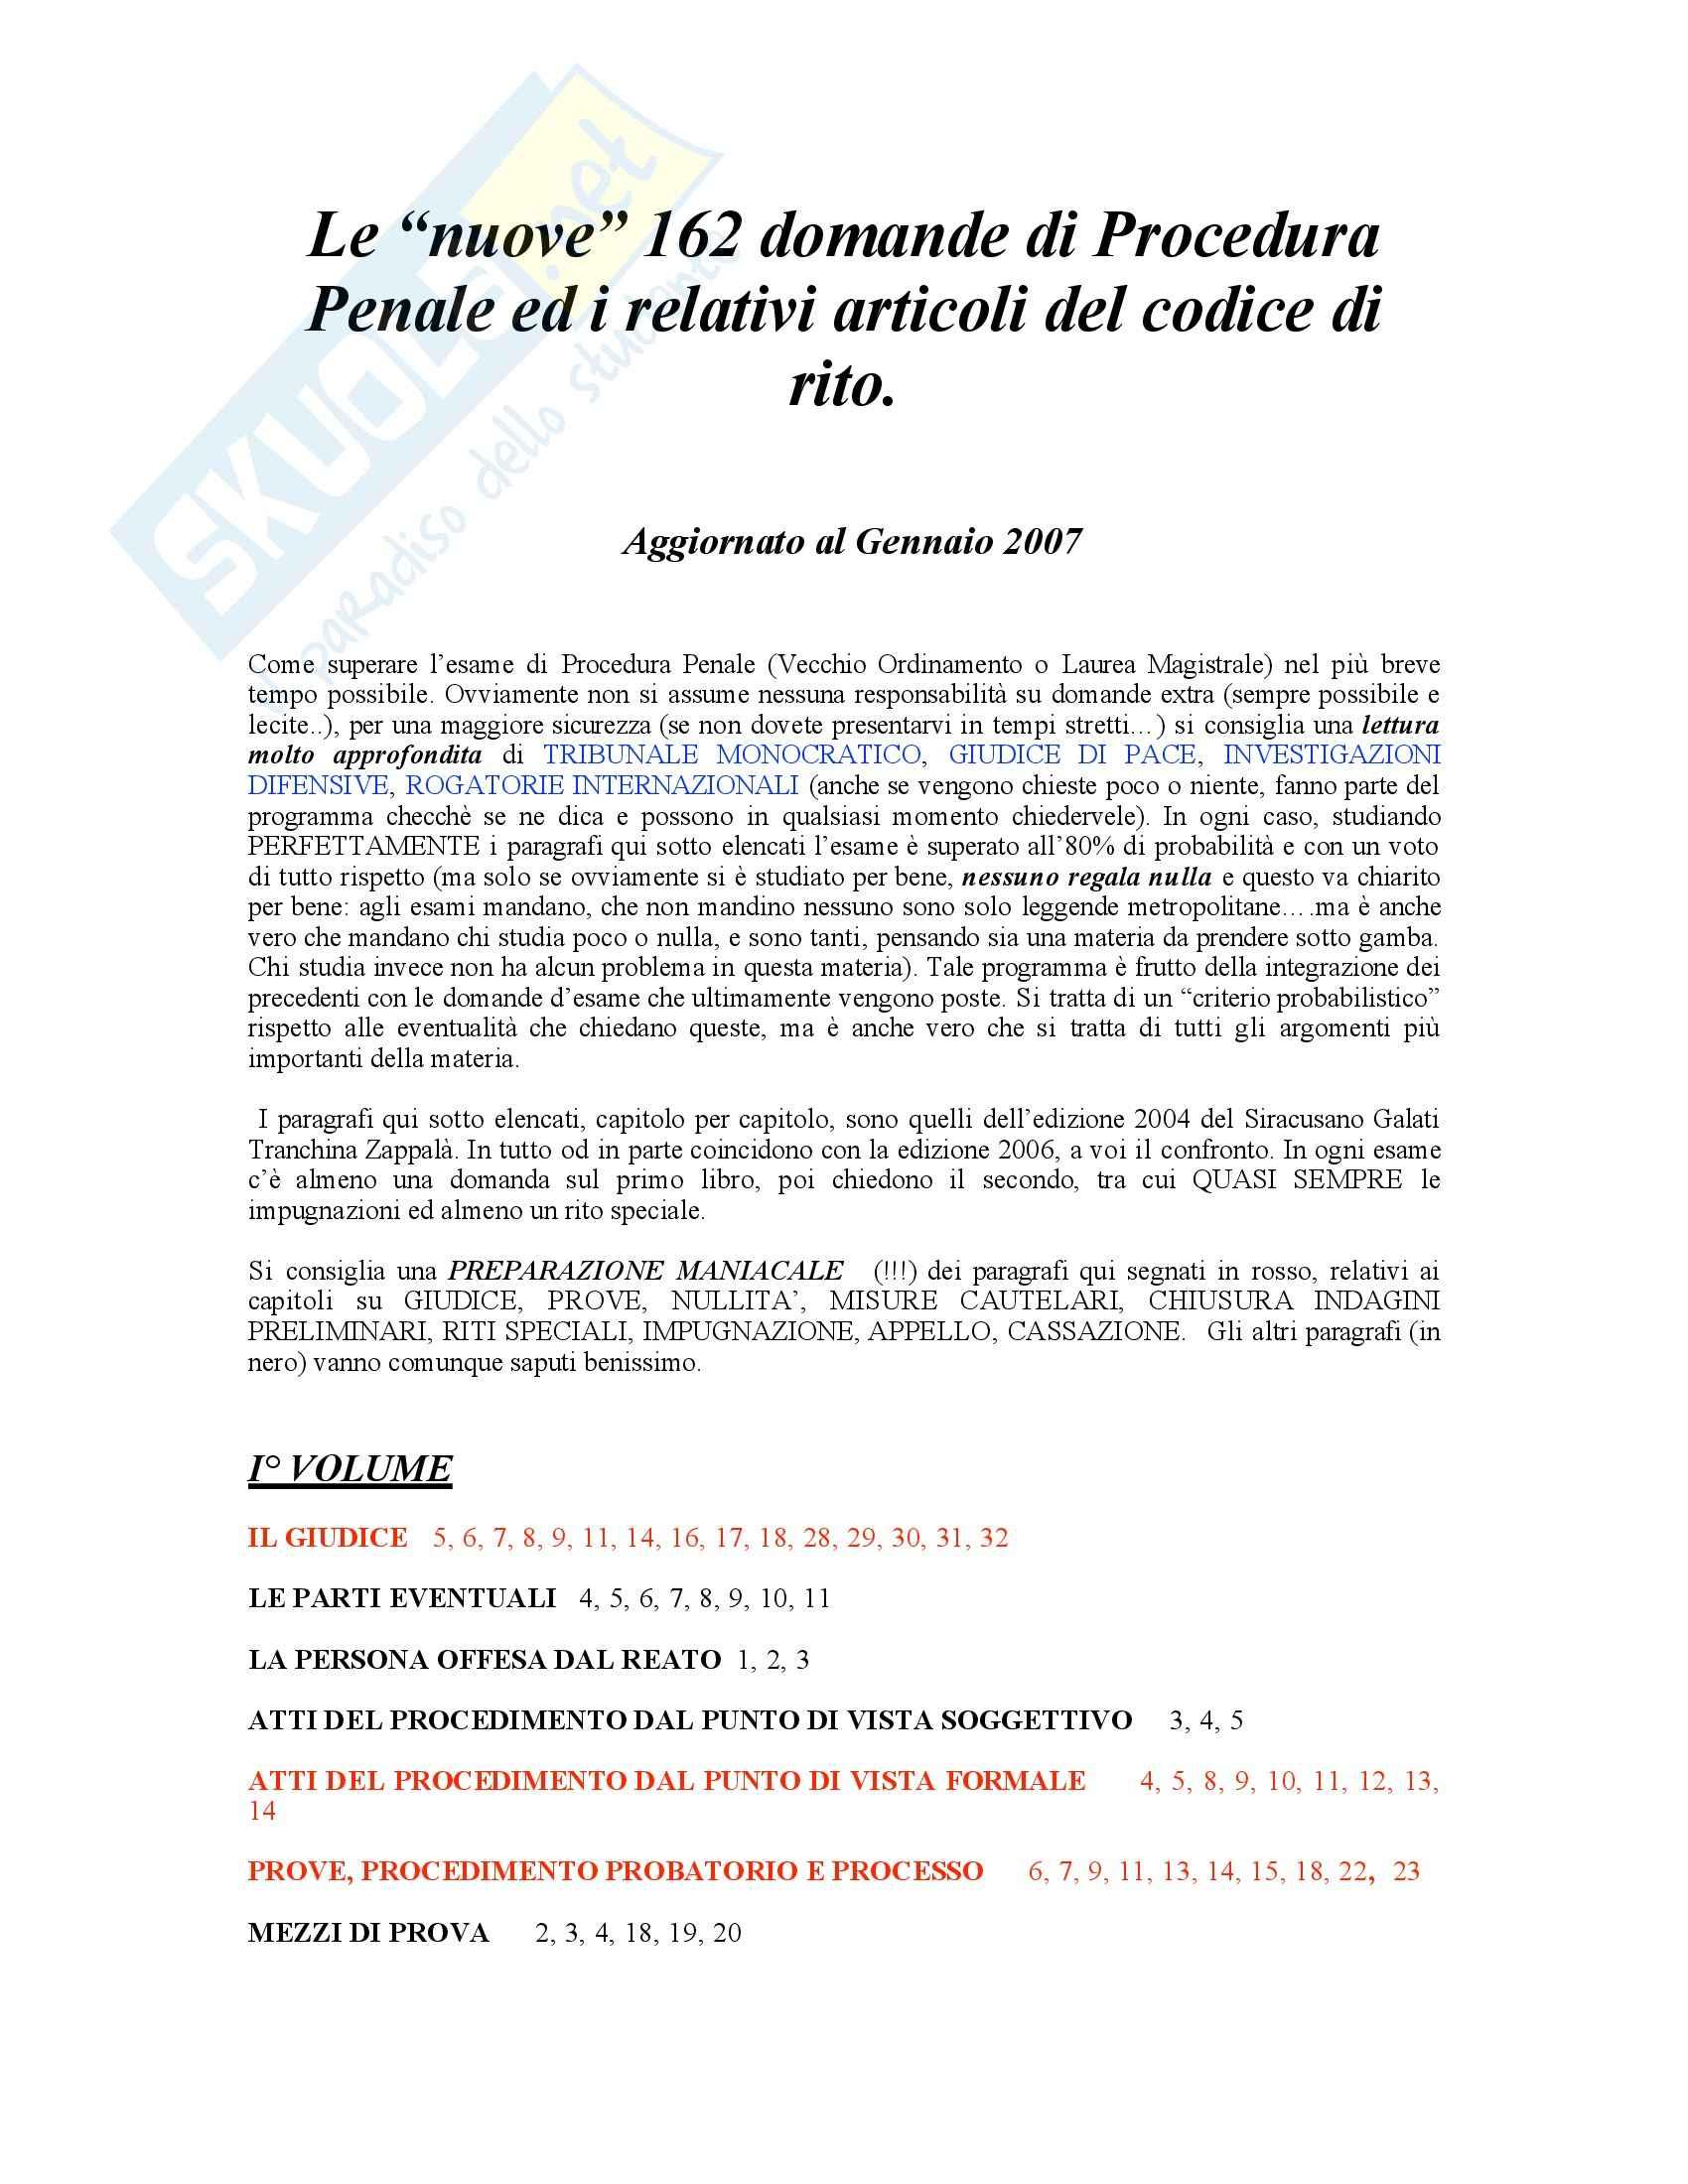 Procedura penale - 162 Domande d'esame